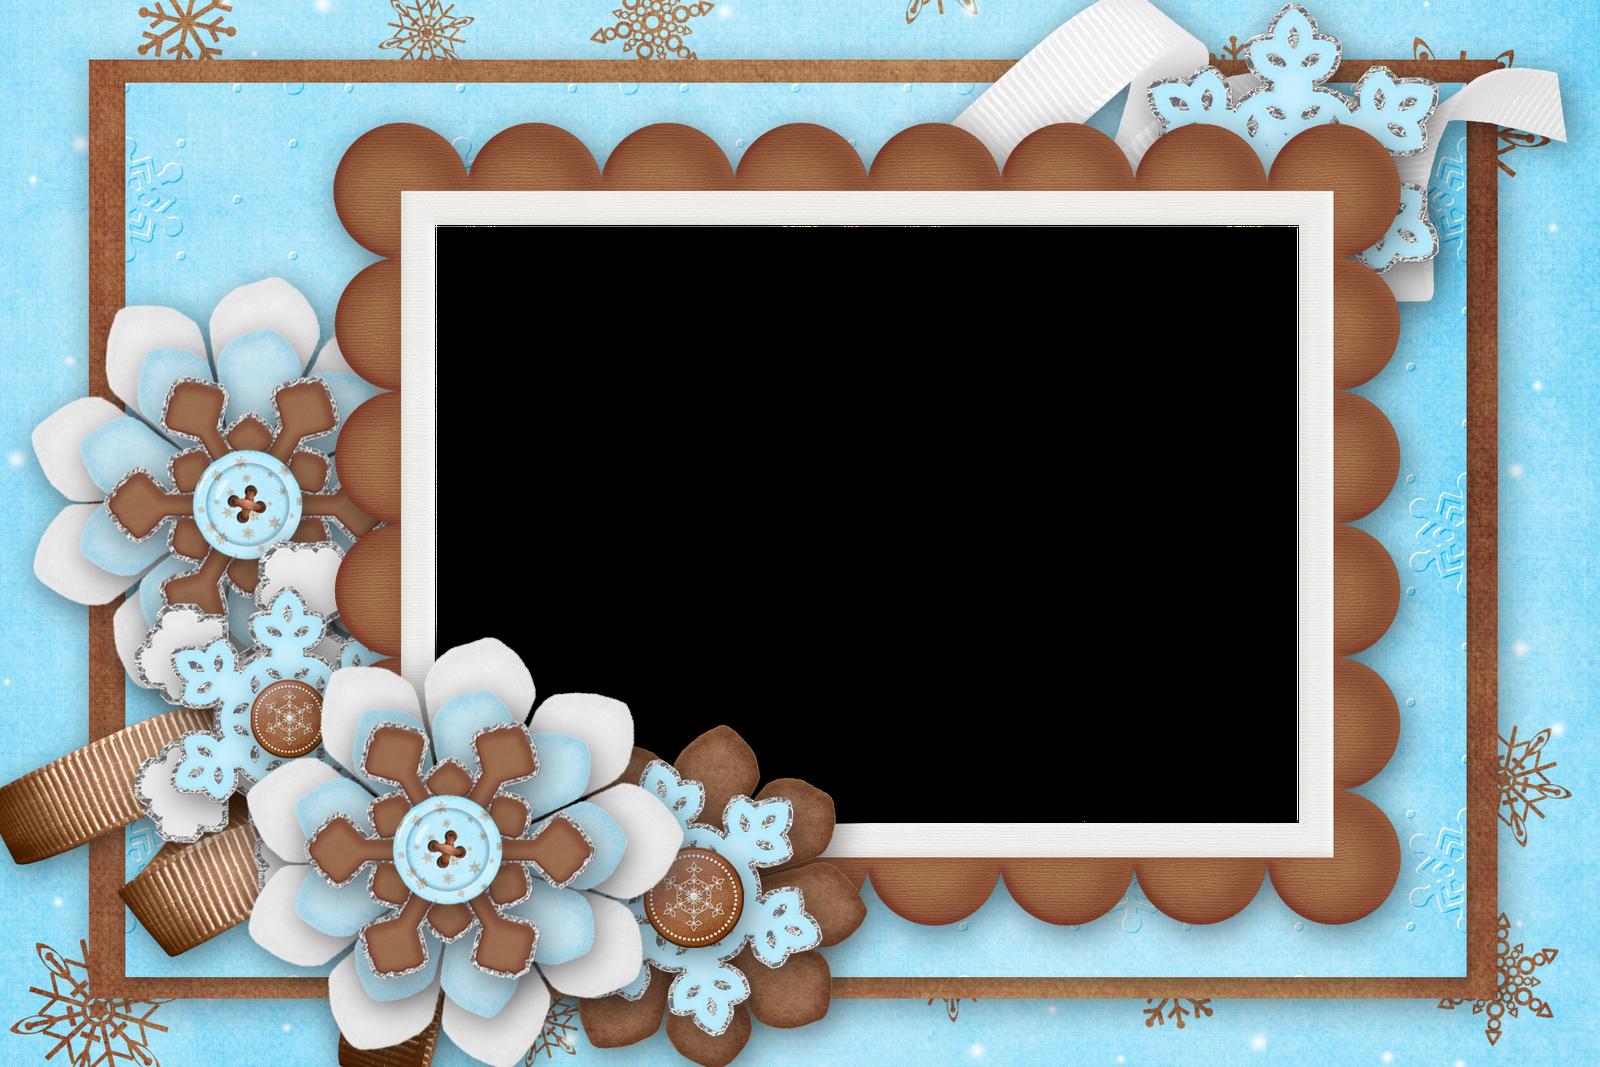 Fondos Y Marcos De Navidad Para Fotos En Hd Gratis Para Poner En El Celular 6 Hd Wallpapers Marcos De Navidad Marcos Del Cuaderno De Notas Marco Para Imprimir